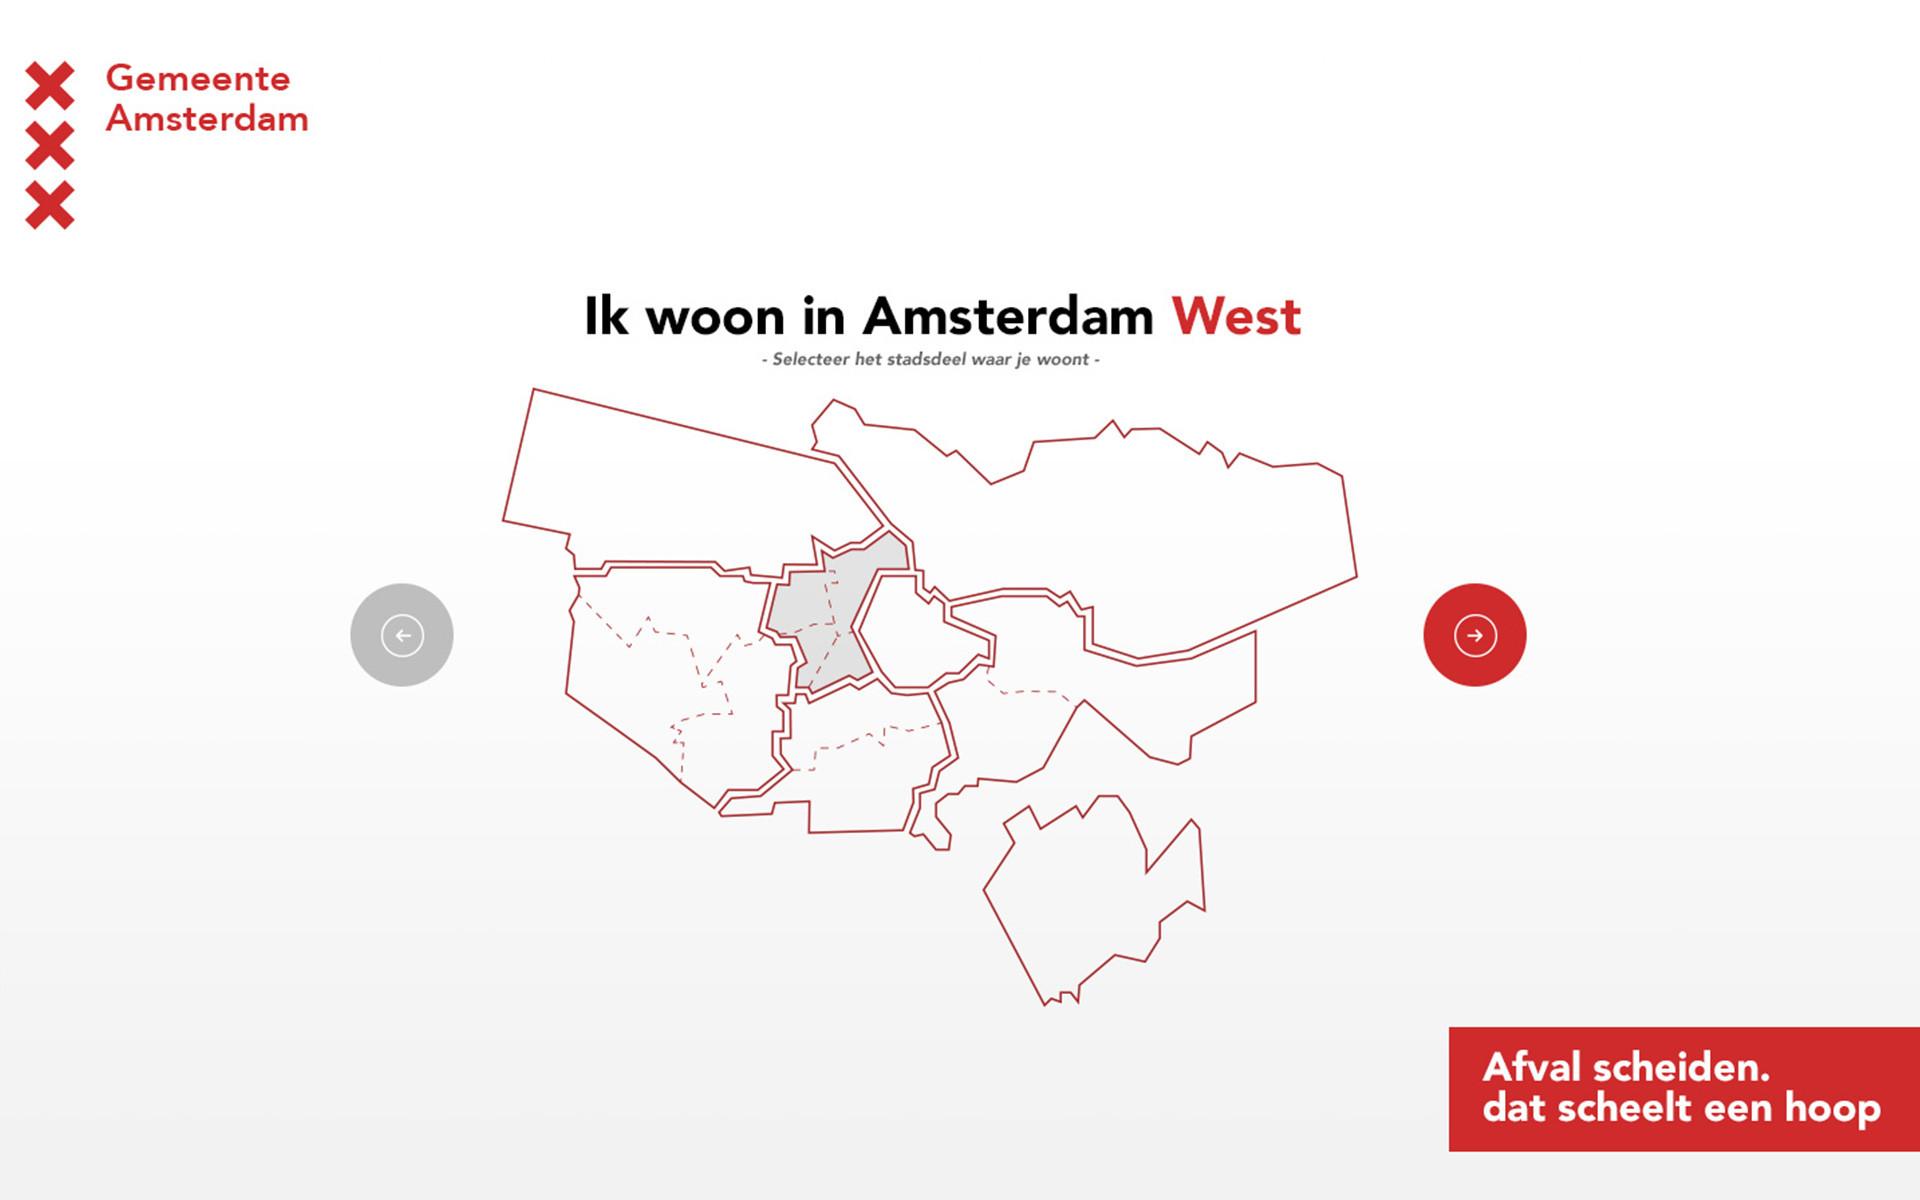 GemeenteAmsterdam04